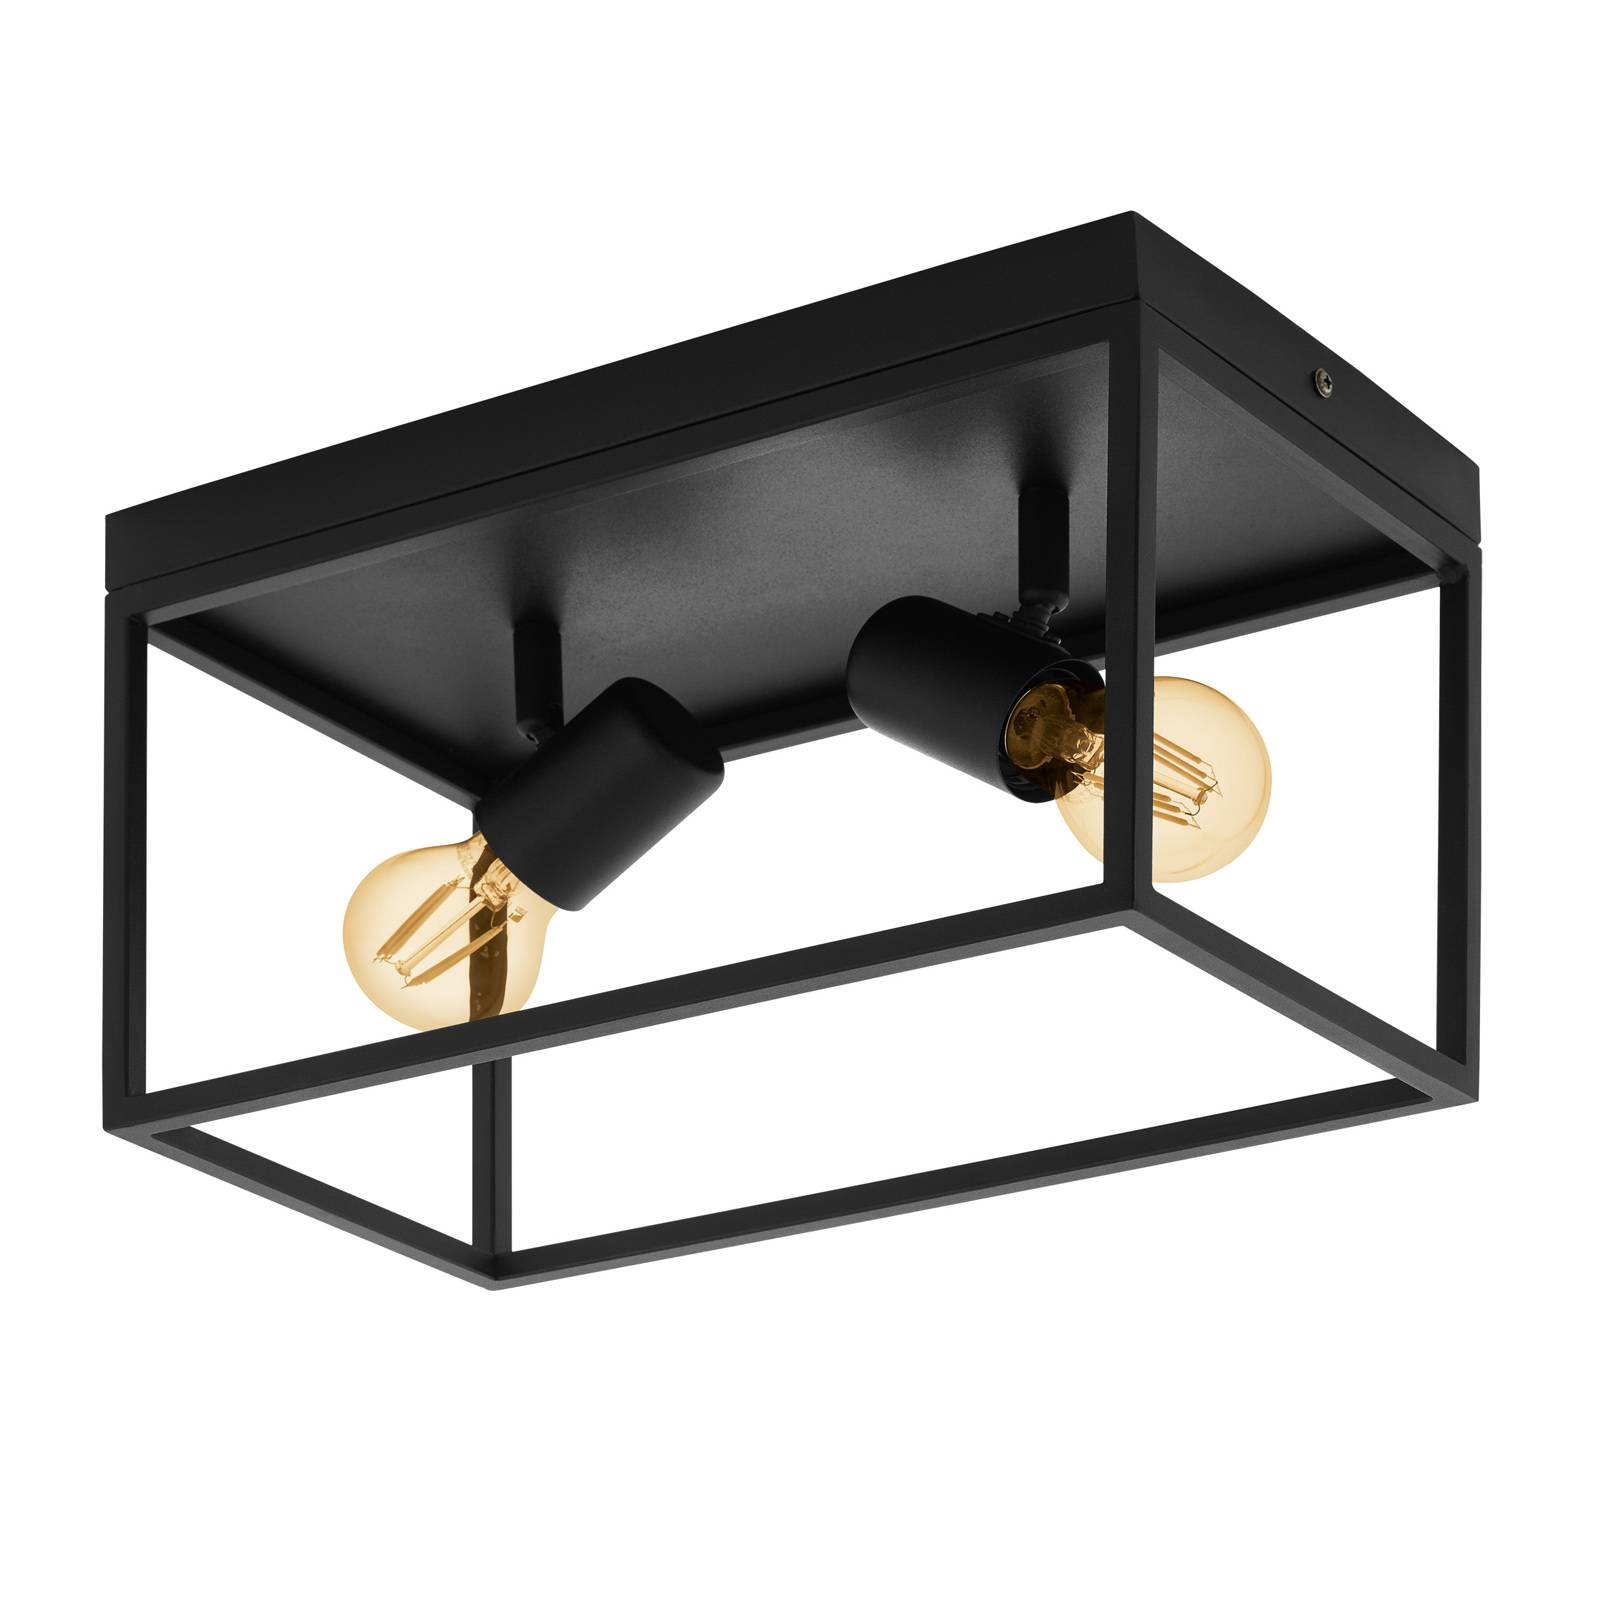 Kattovalaisin Silentina, 2-lamppuinen, 36 x 18 cm